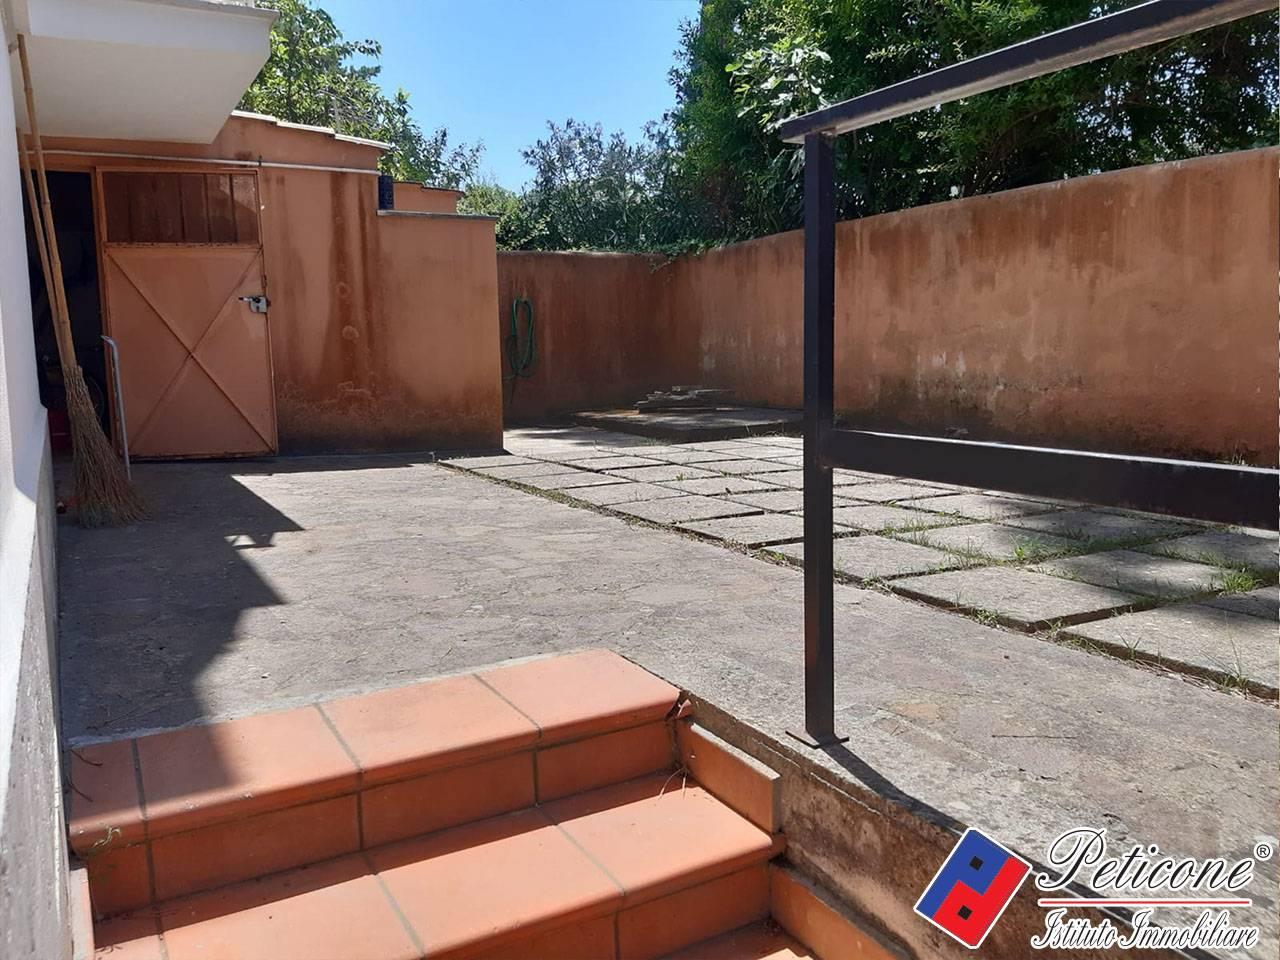 Appartamento in vendita a Terracina, 3 locali, prezzo € 110.000 | PortaleAgenzieImmobiliari.it